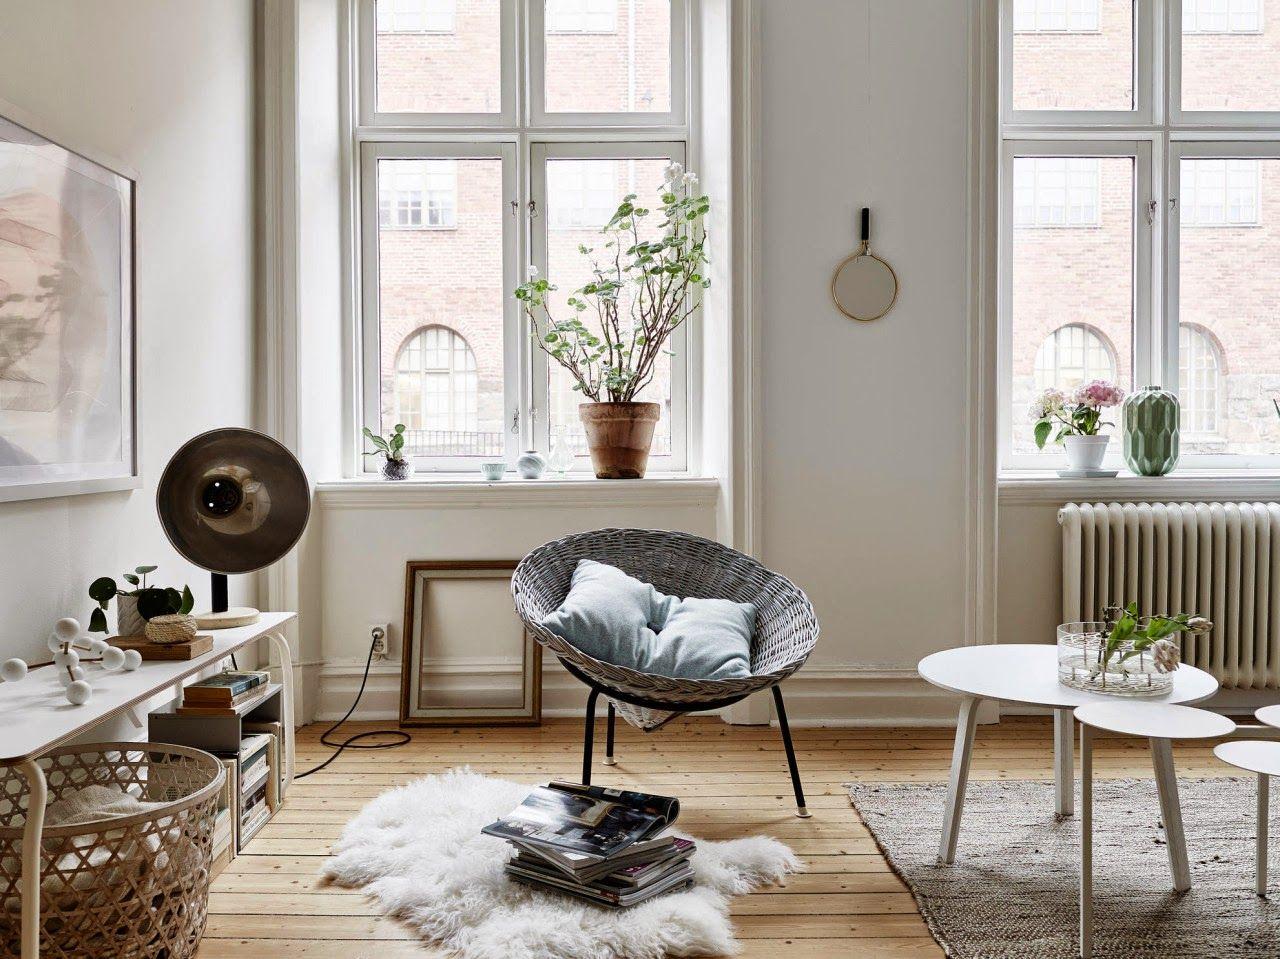 Small dreamy studio apartment | Daily Dream Decor